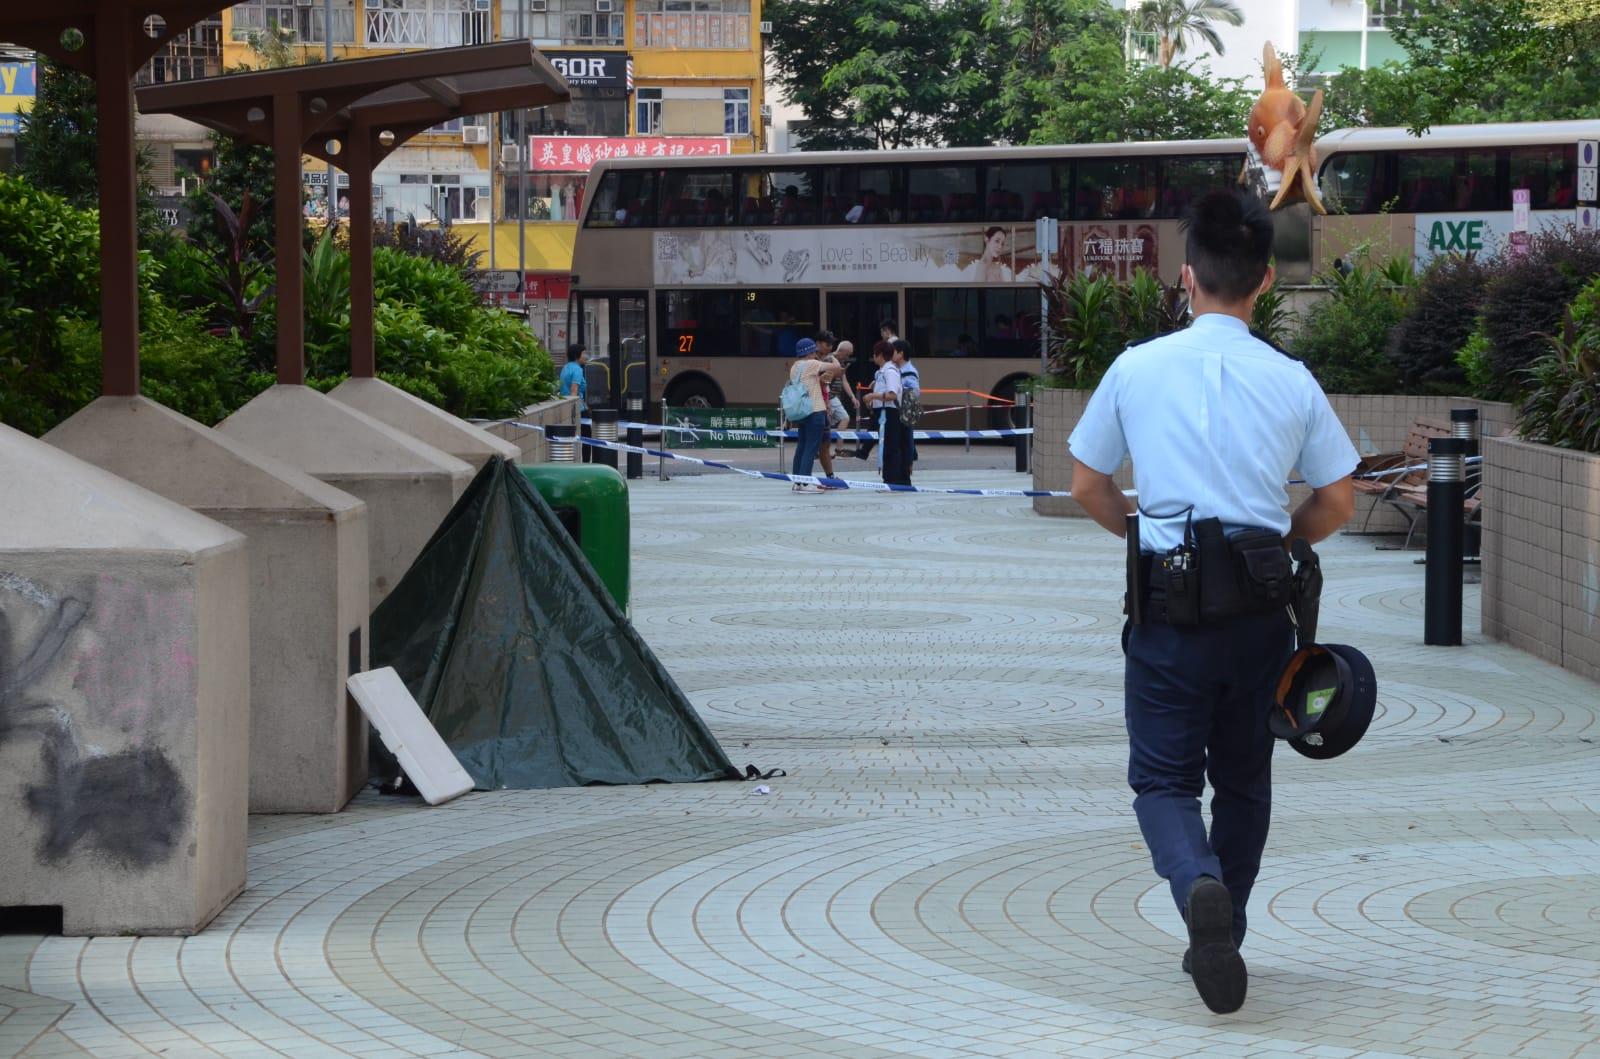 男子倒斃在公園內。 歐陽偉光攝